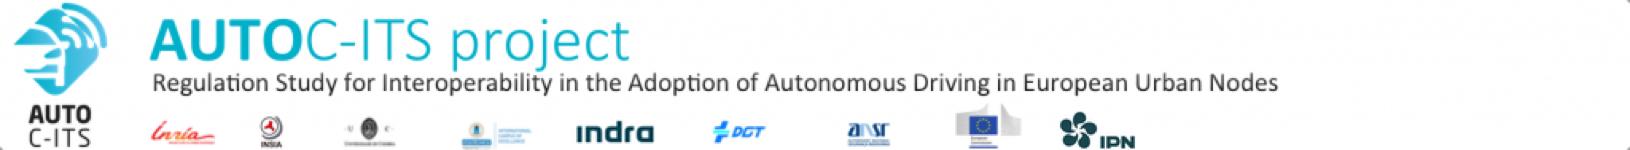 AUTOC-ITS Project